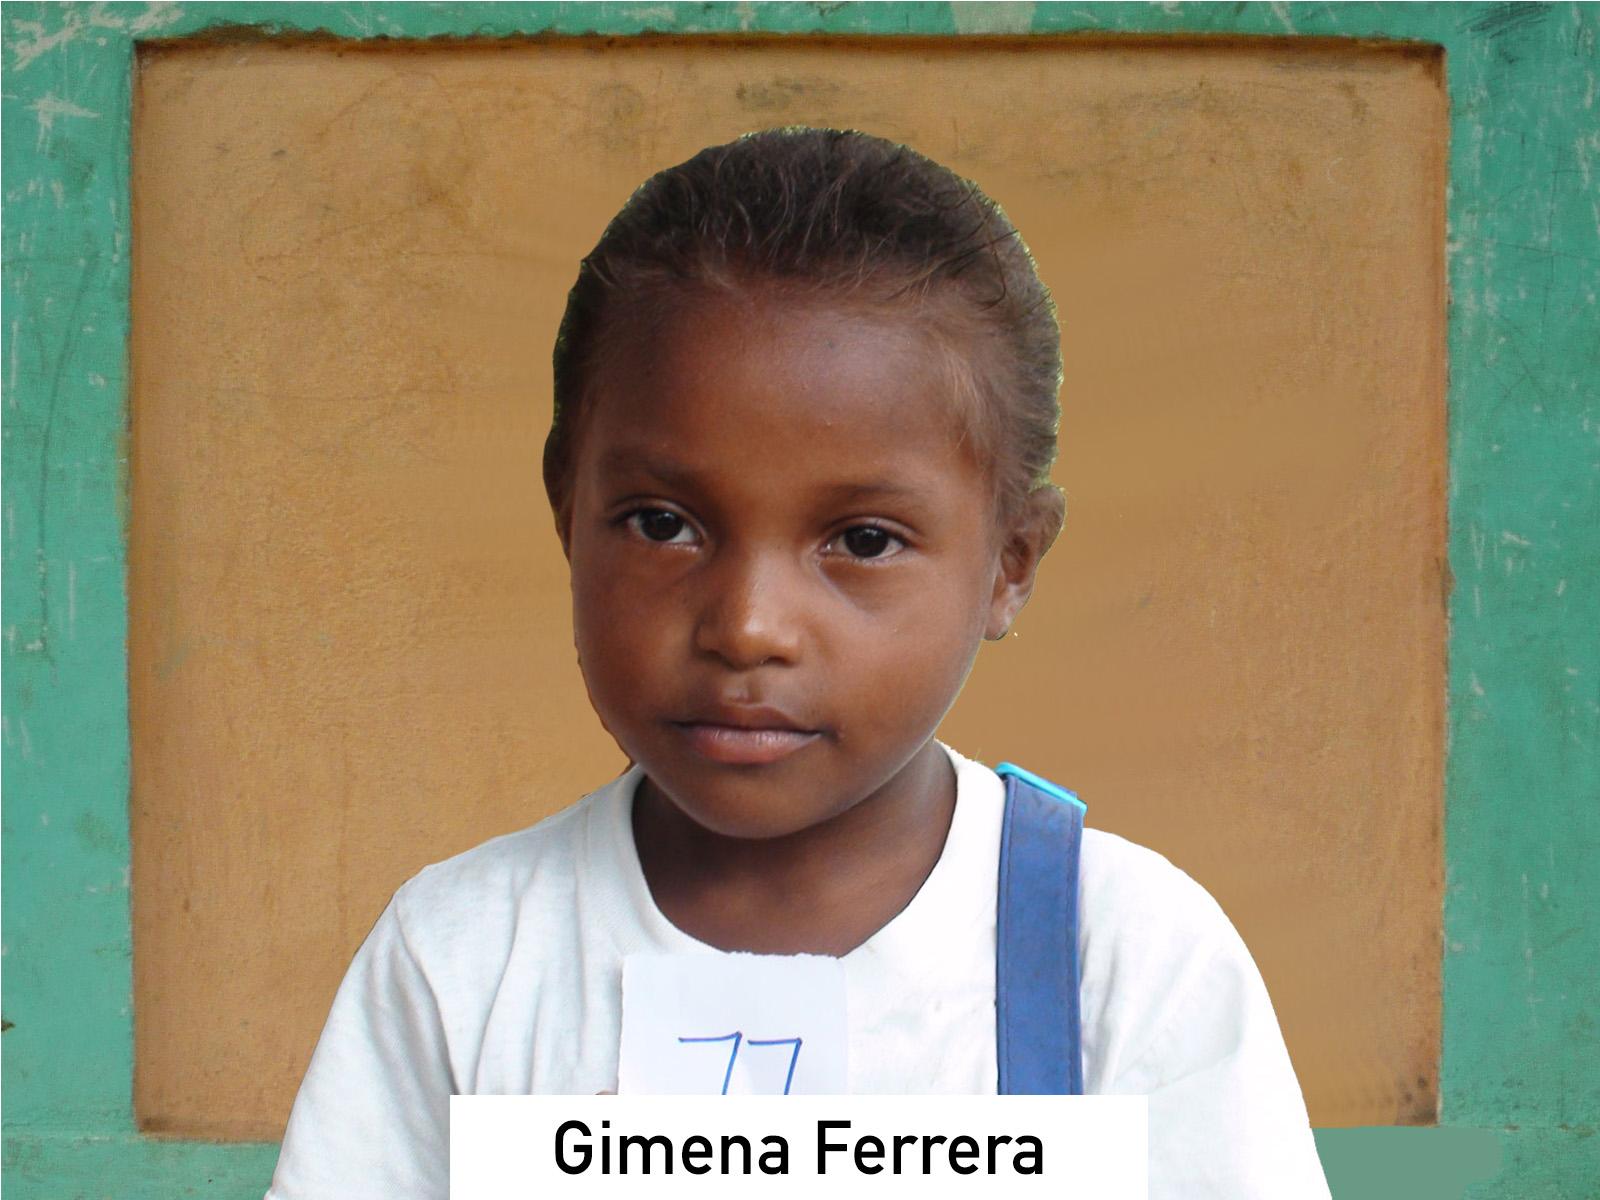 077 - Gimena Ferrera.jpg